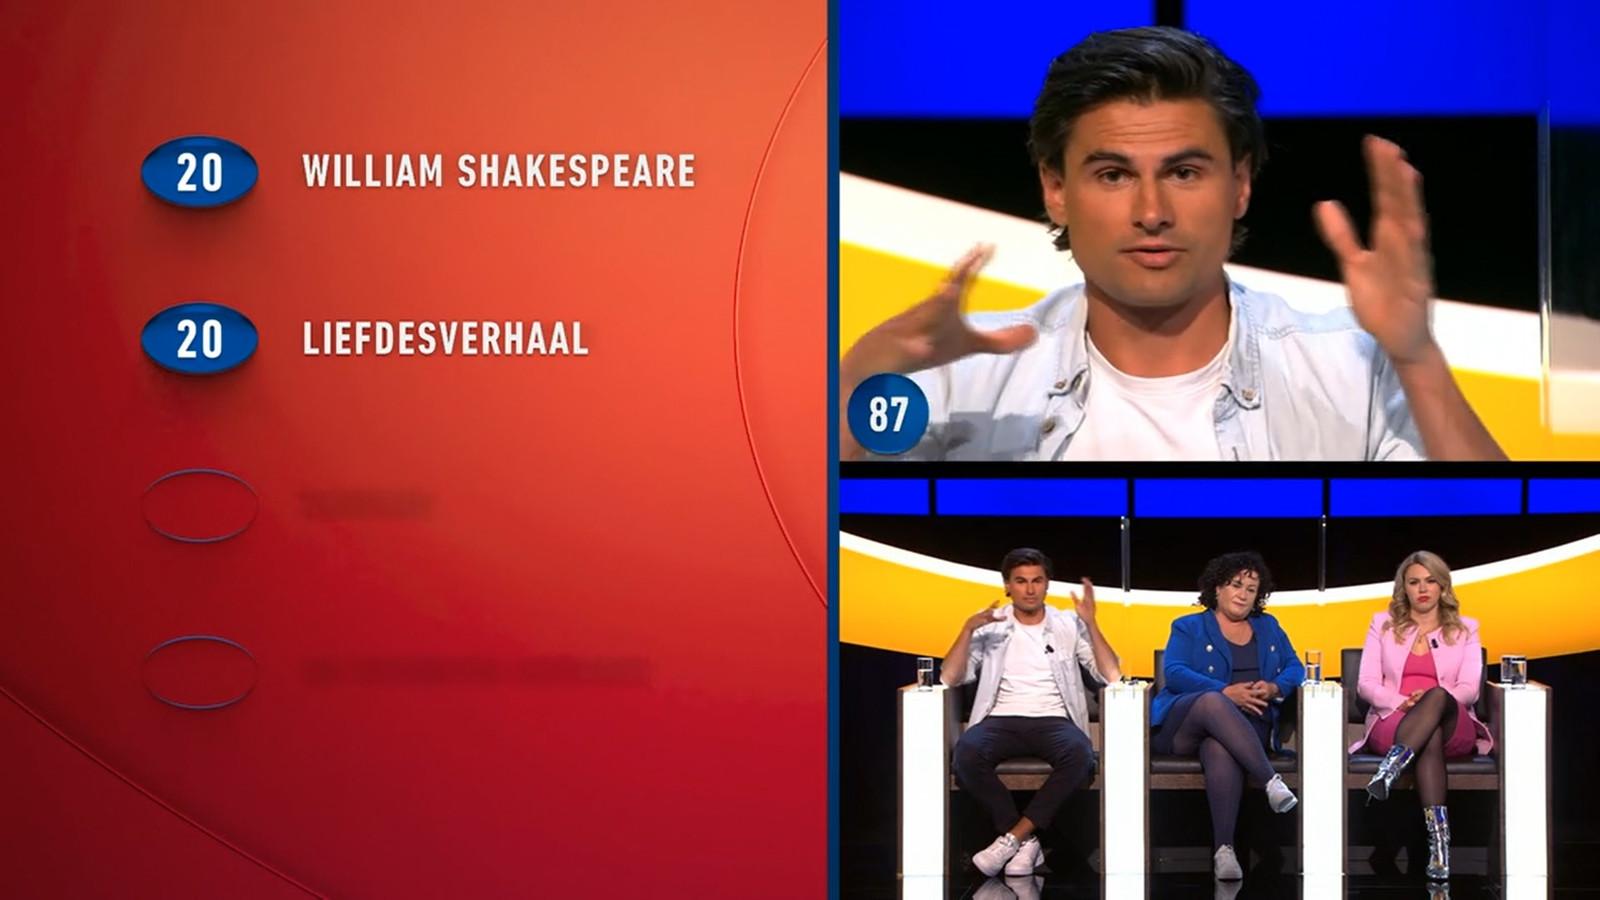 Milan van Dongen worstelt met de vraag over Romeo en Julia.